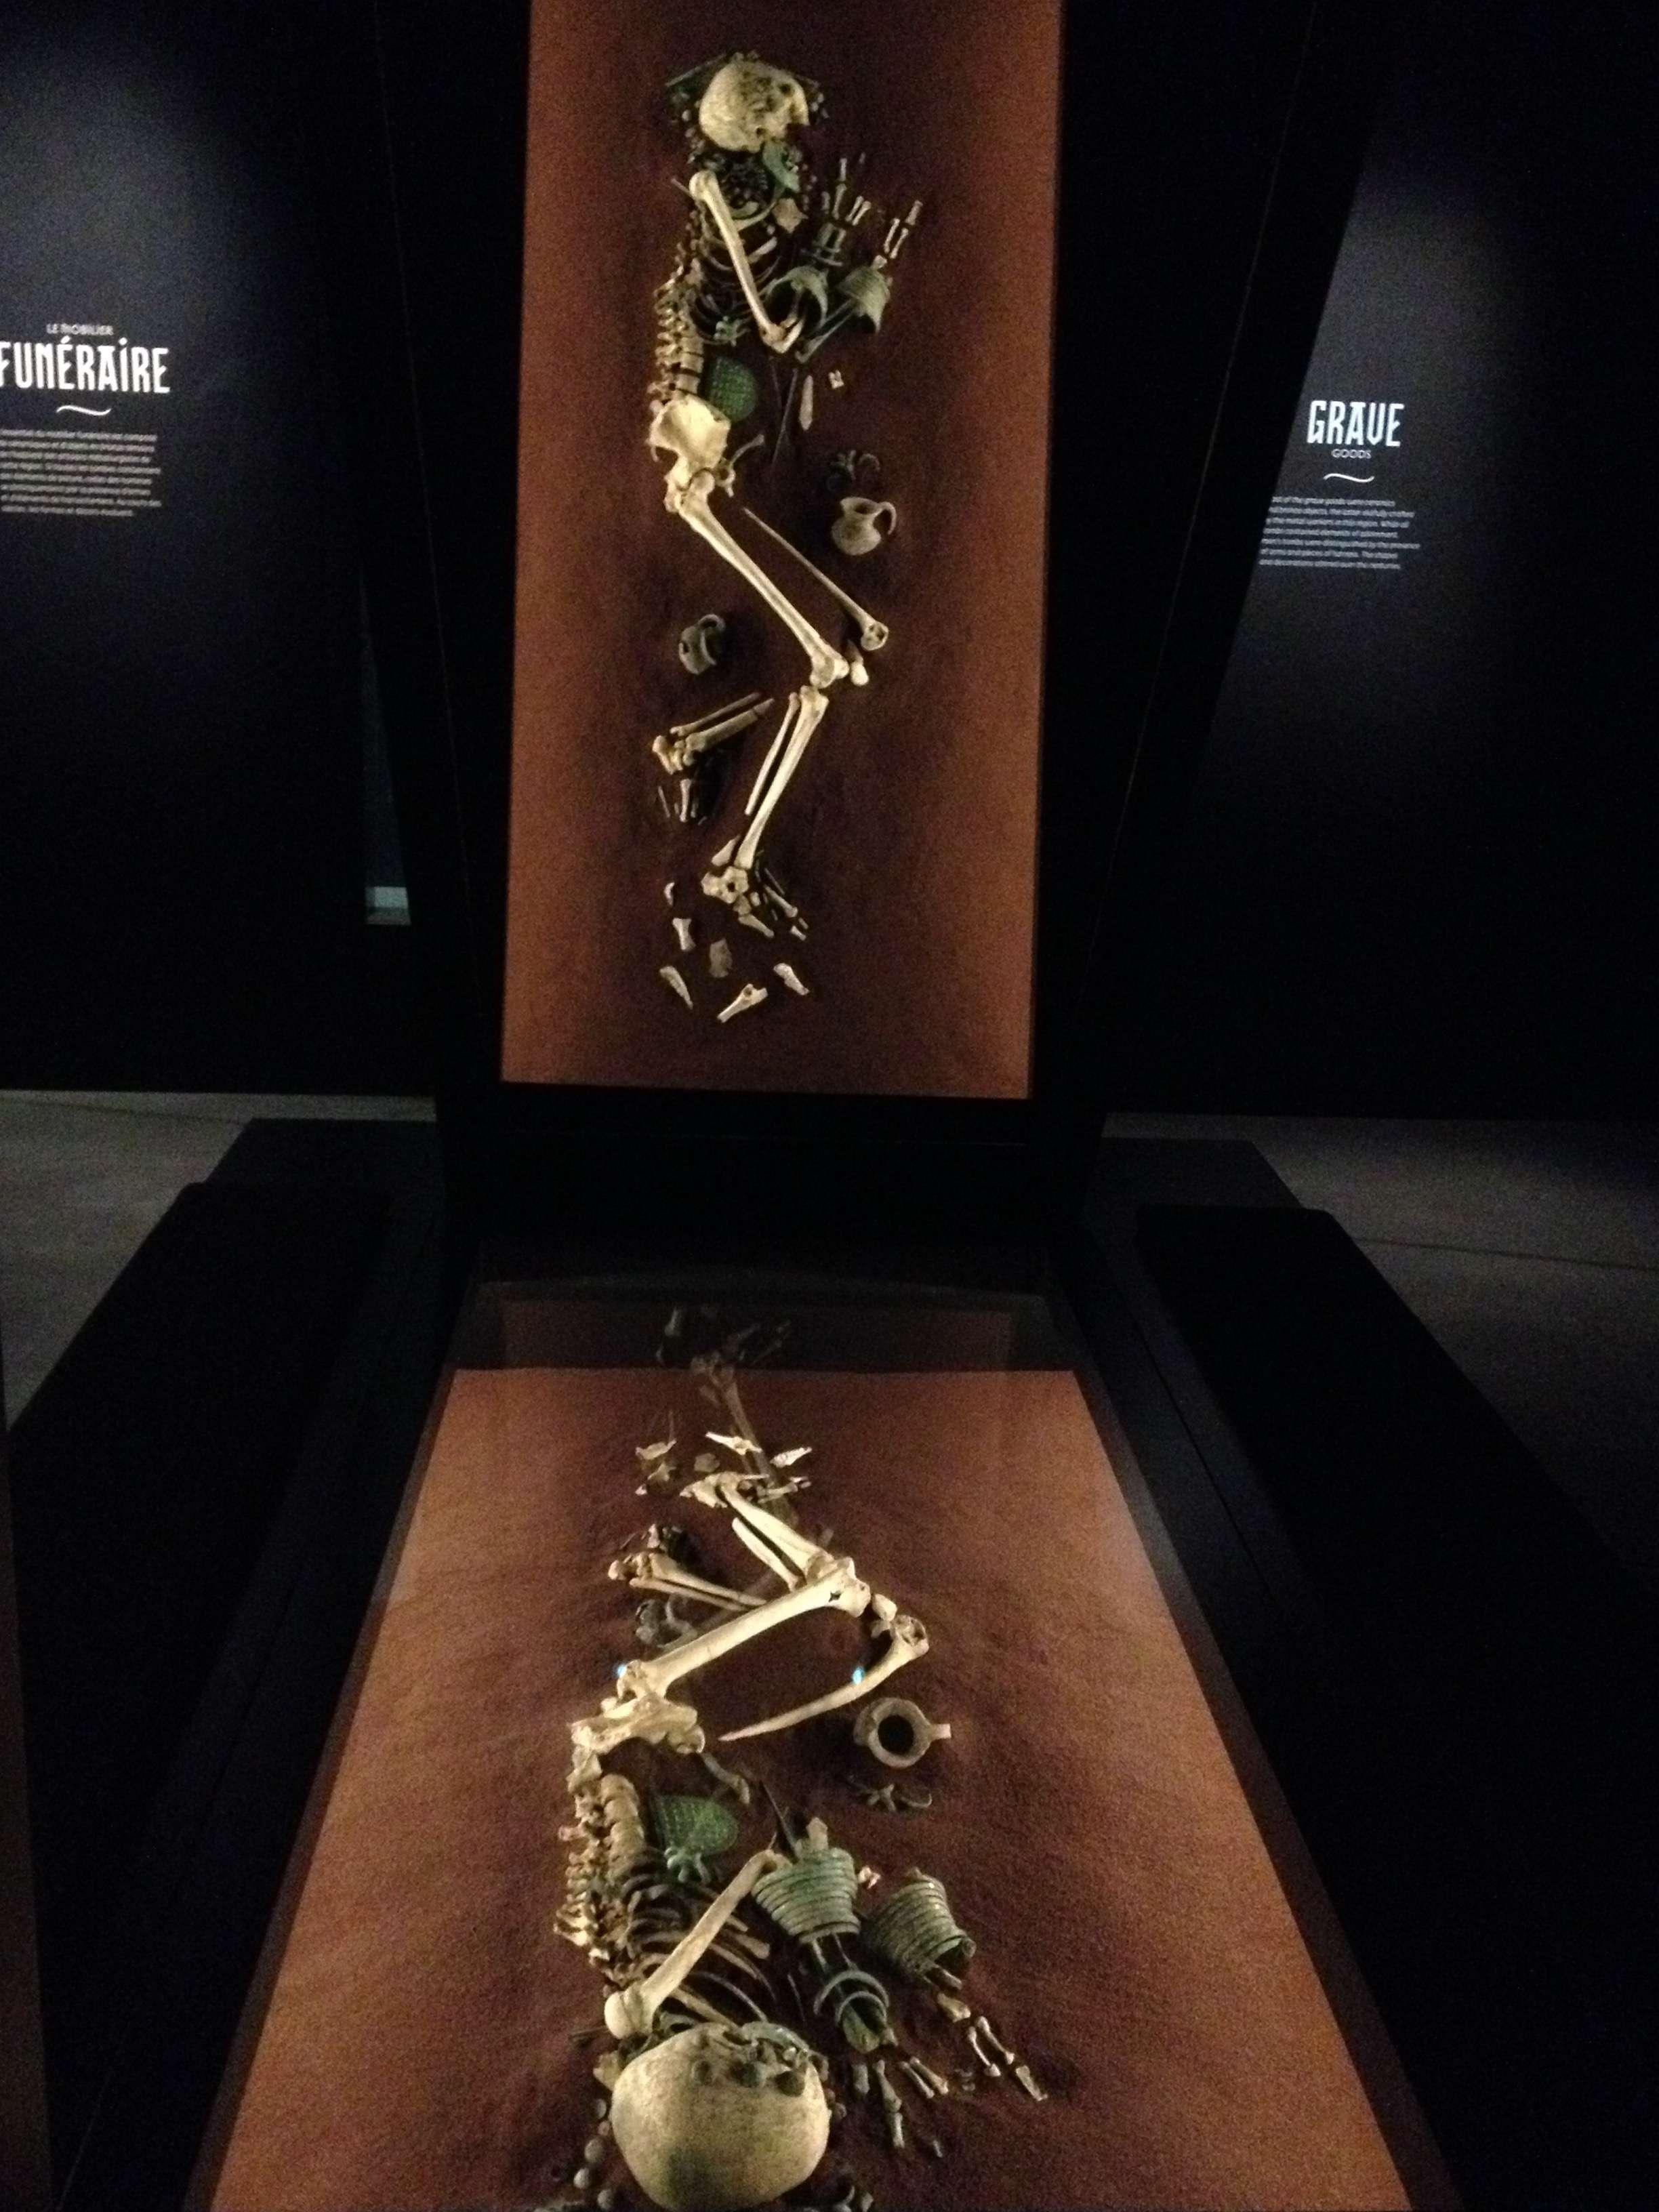 Mormânt de femeie din Osetia de nord, sec. 9-8 în.Hr.